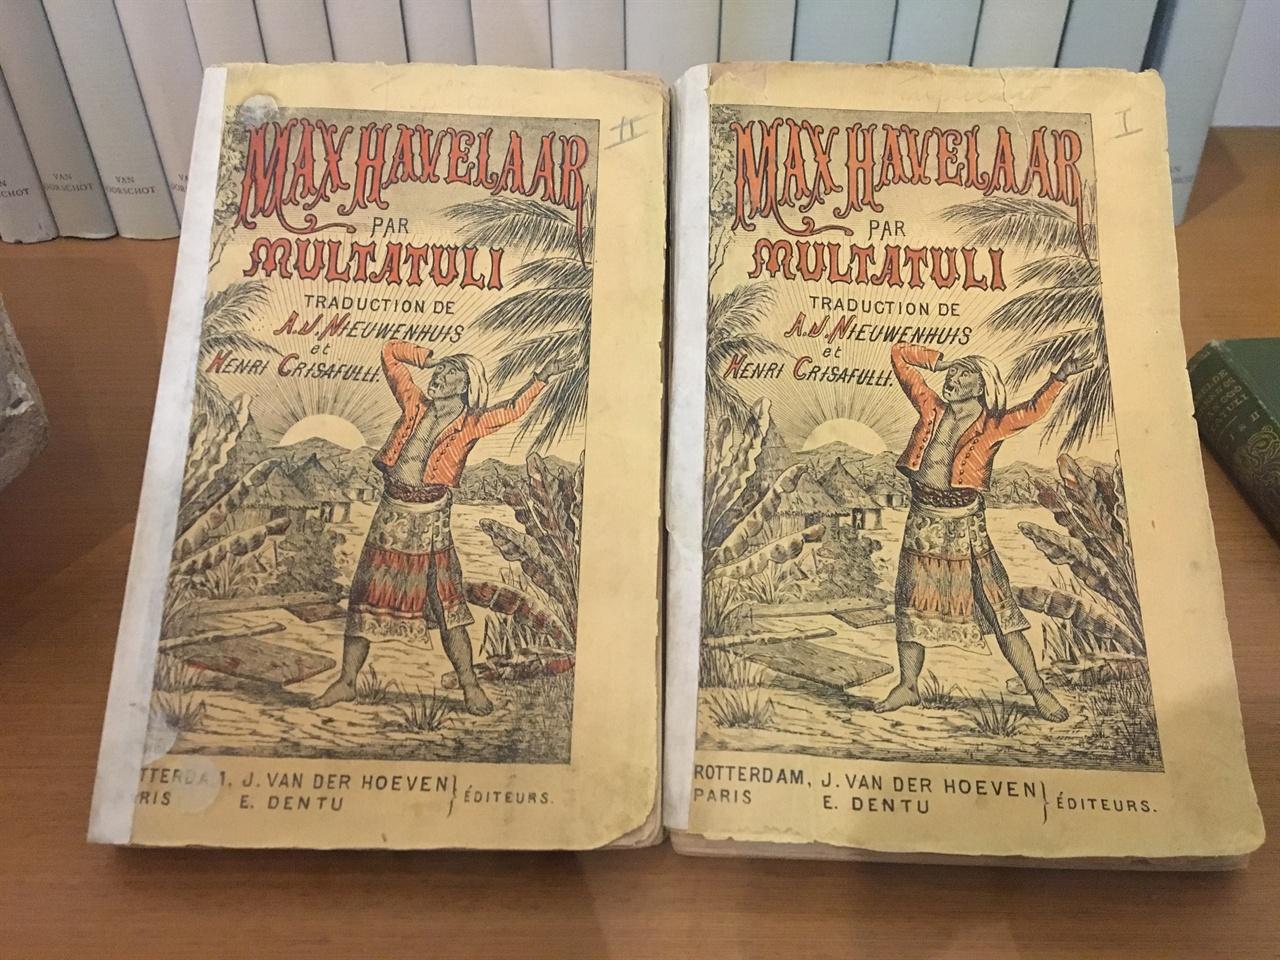 물따뚤리 박물관에 전시된 물따뚤리의 소설 막스 하벨라르의 초판본